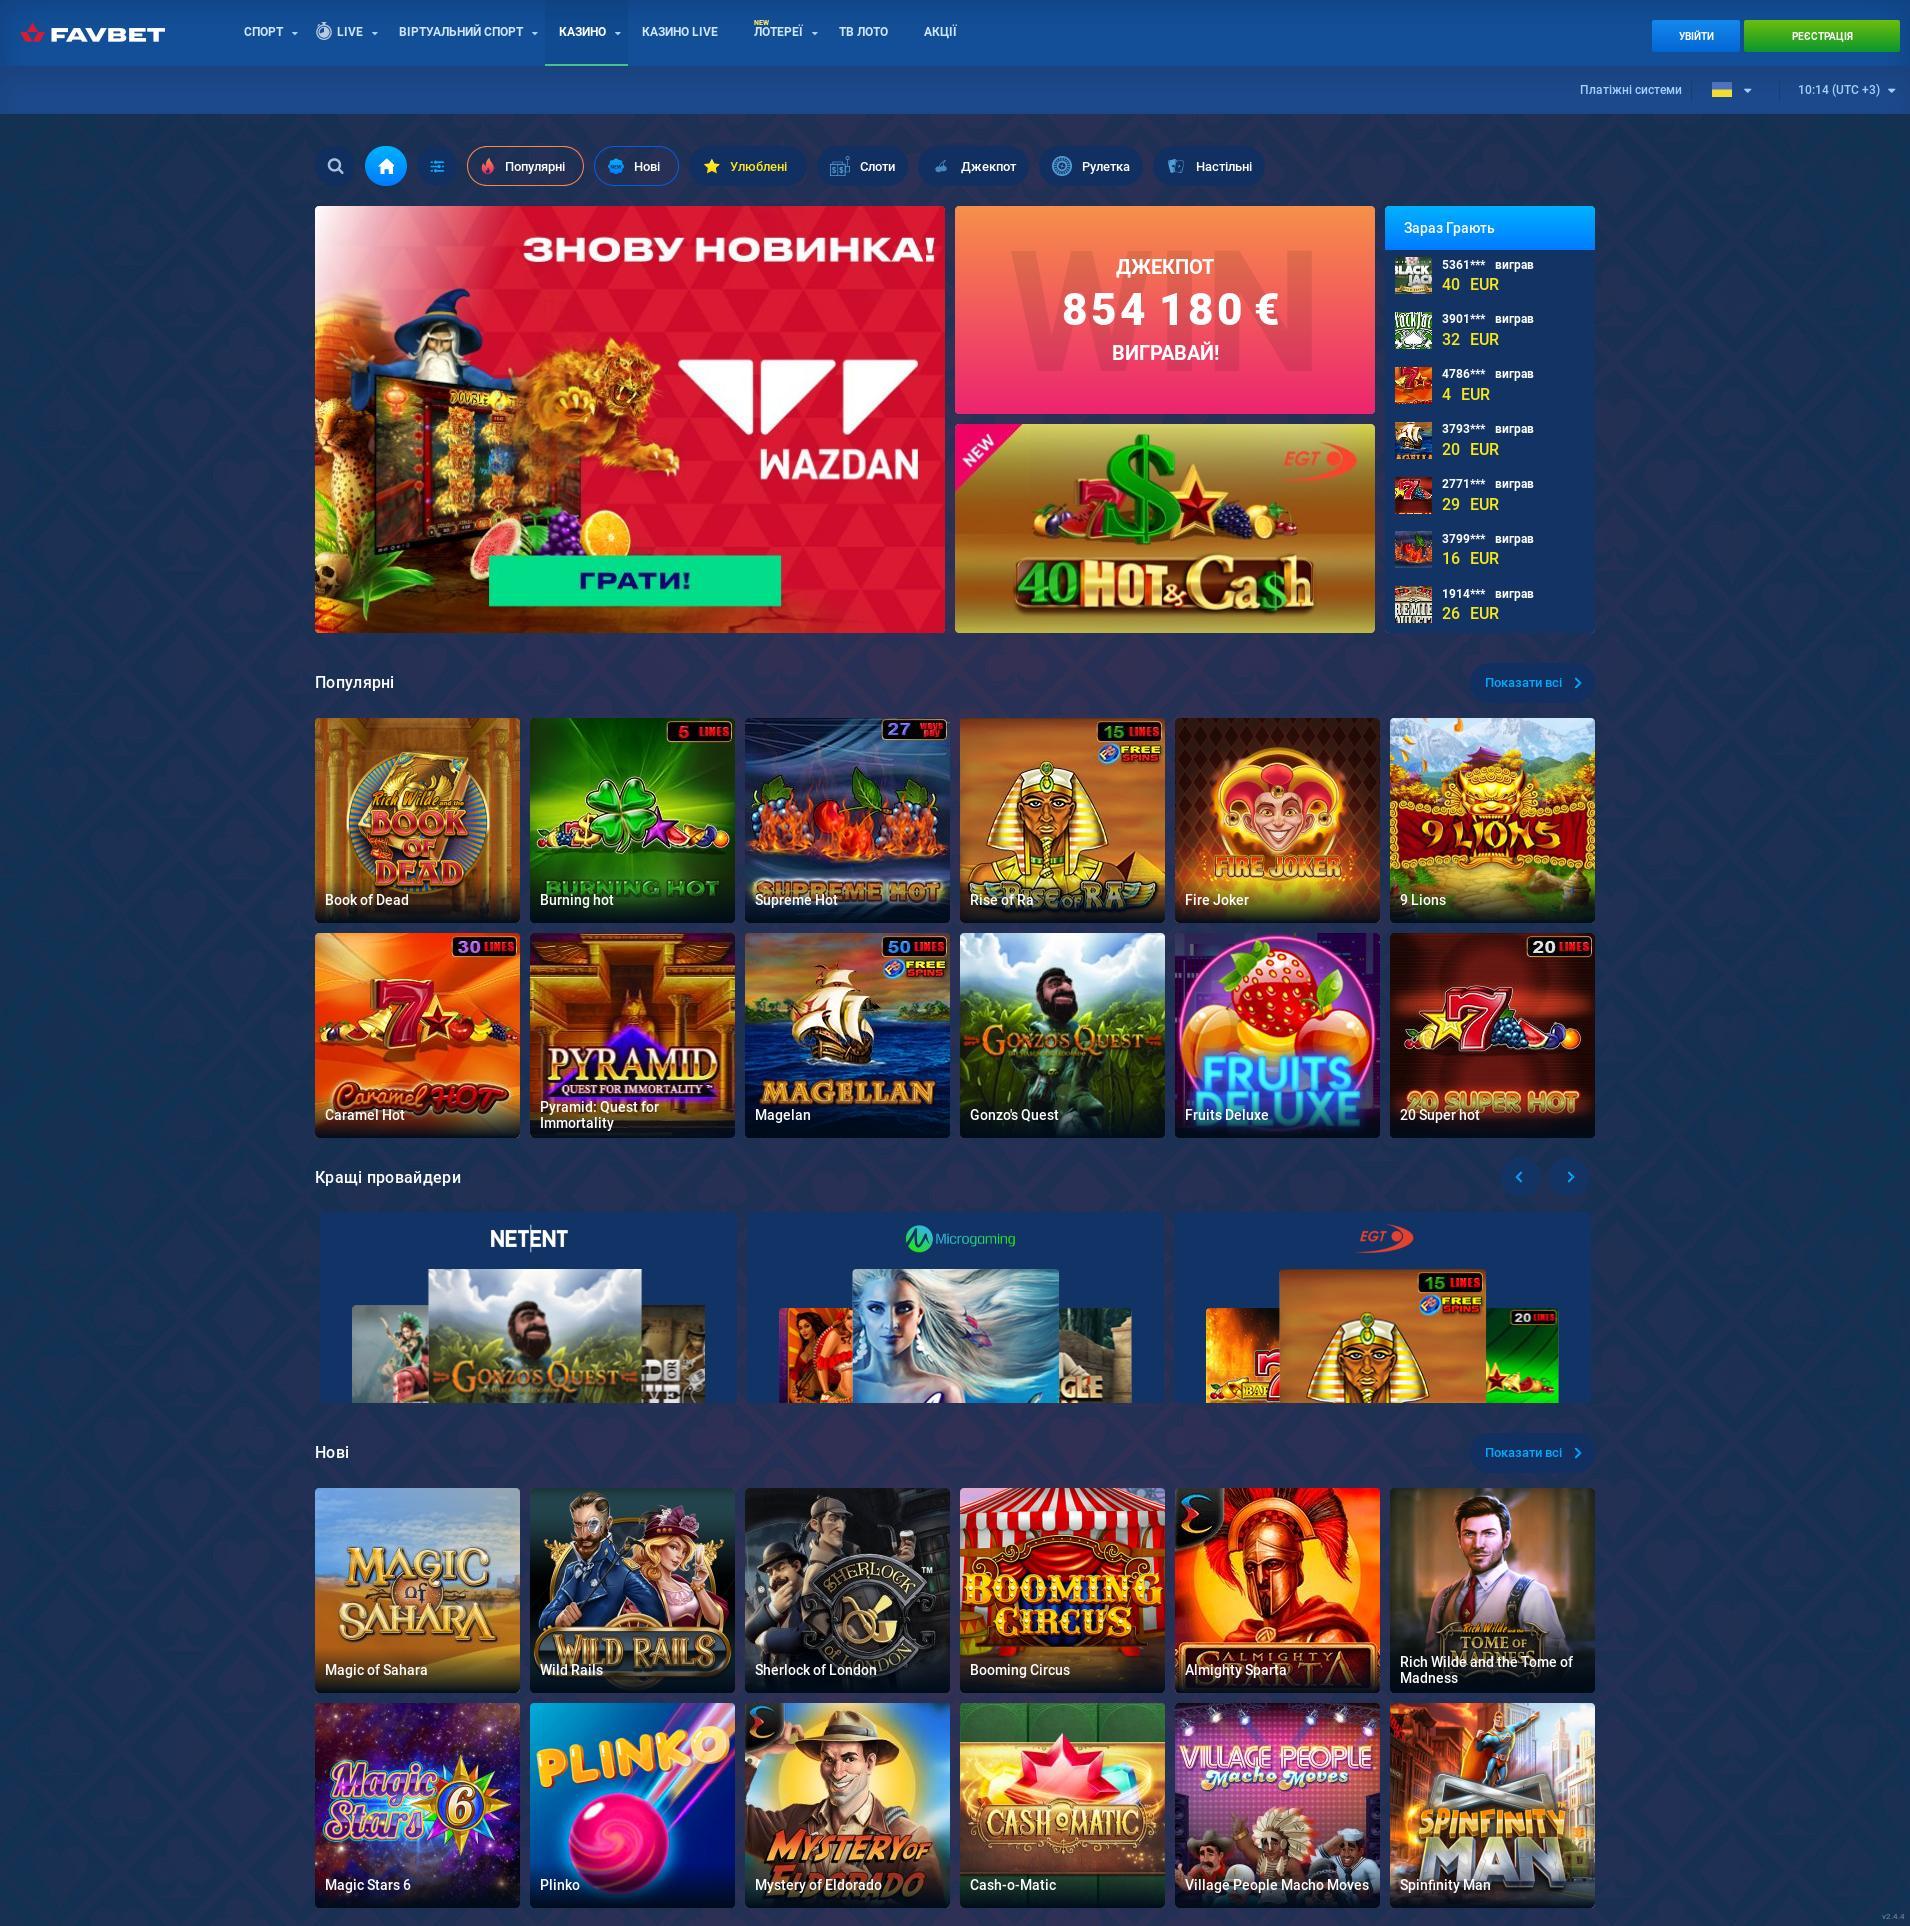 Casino screen Lobby 2019-07-22 for Ukraine